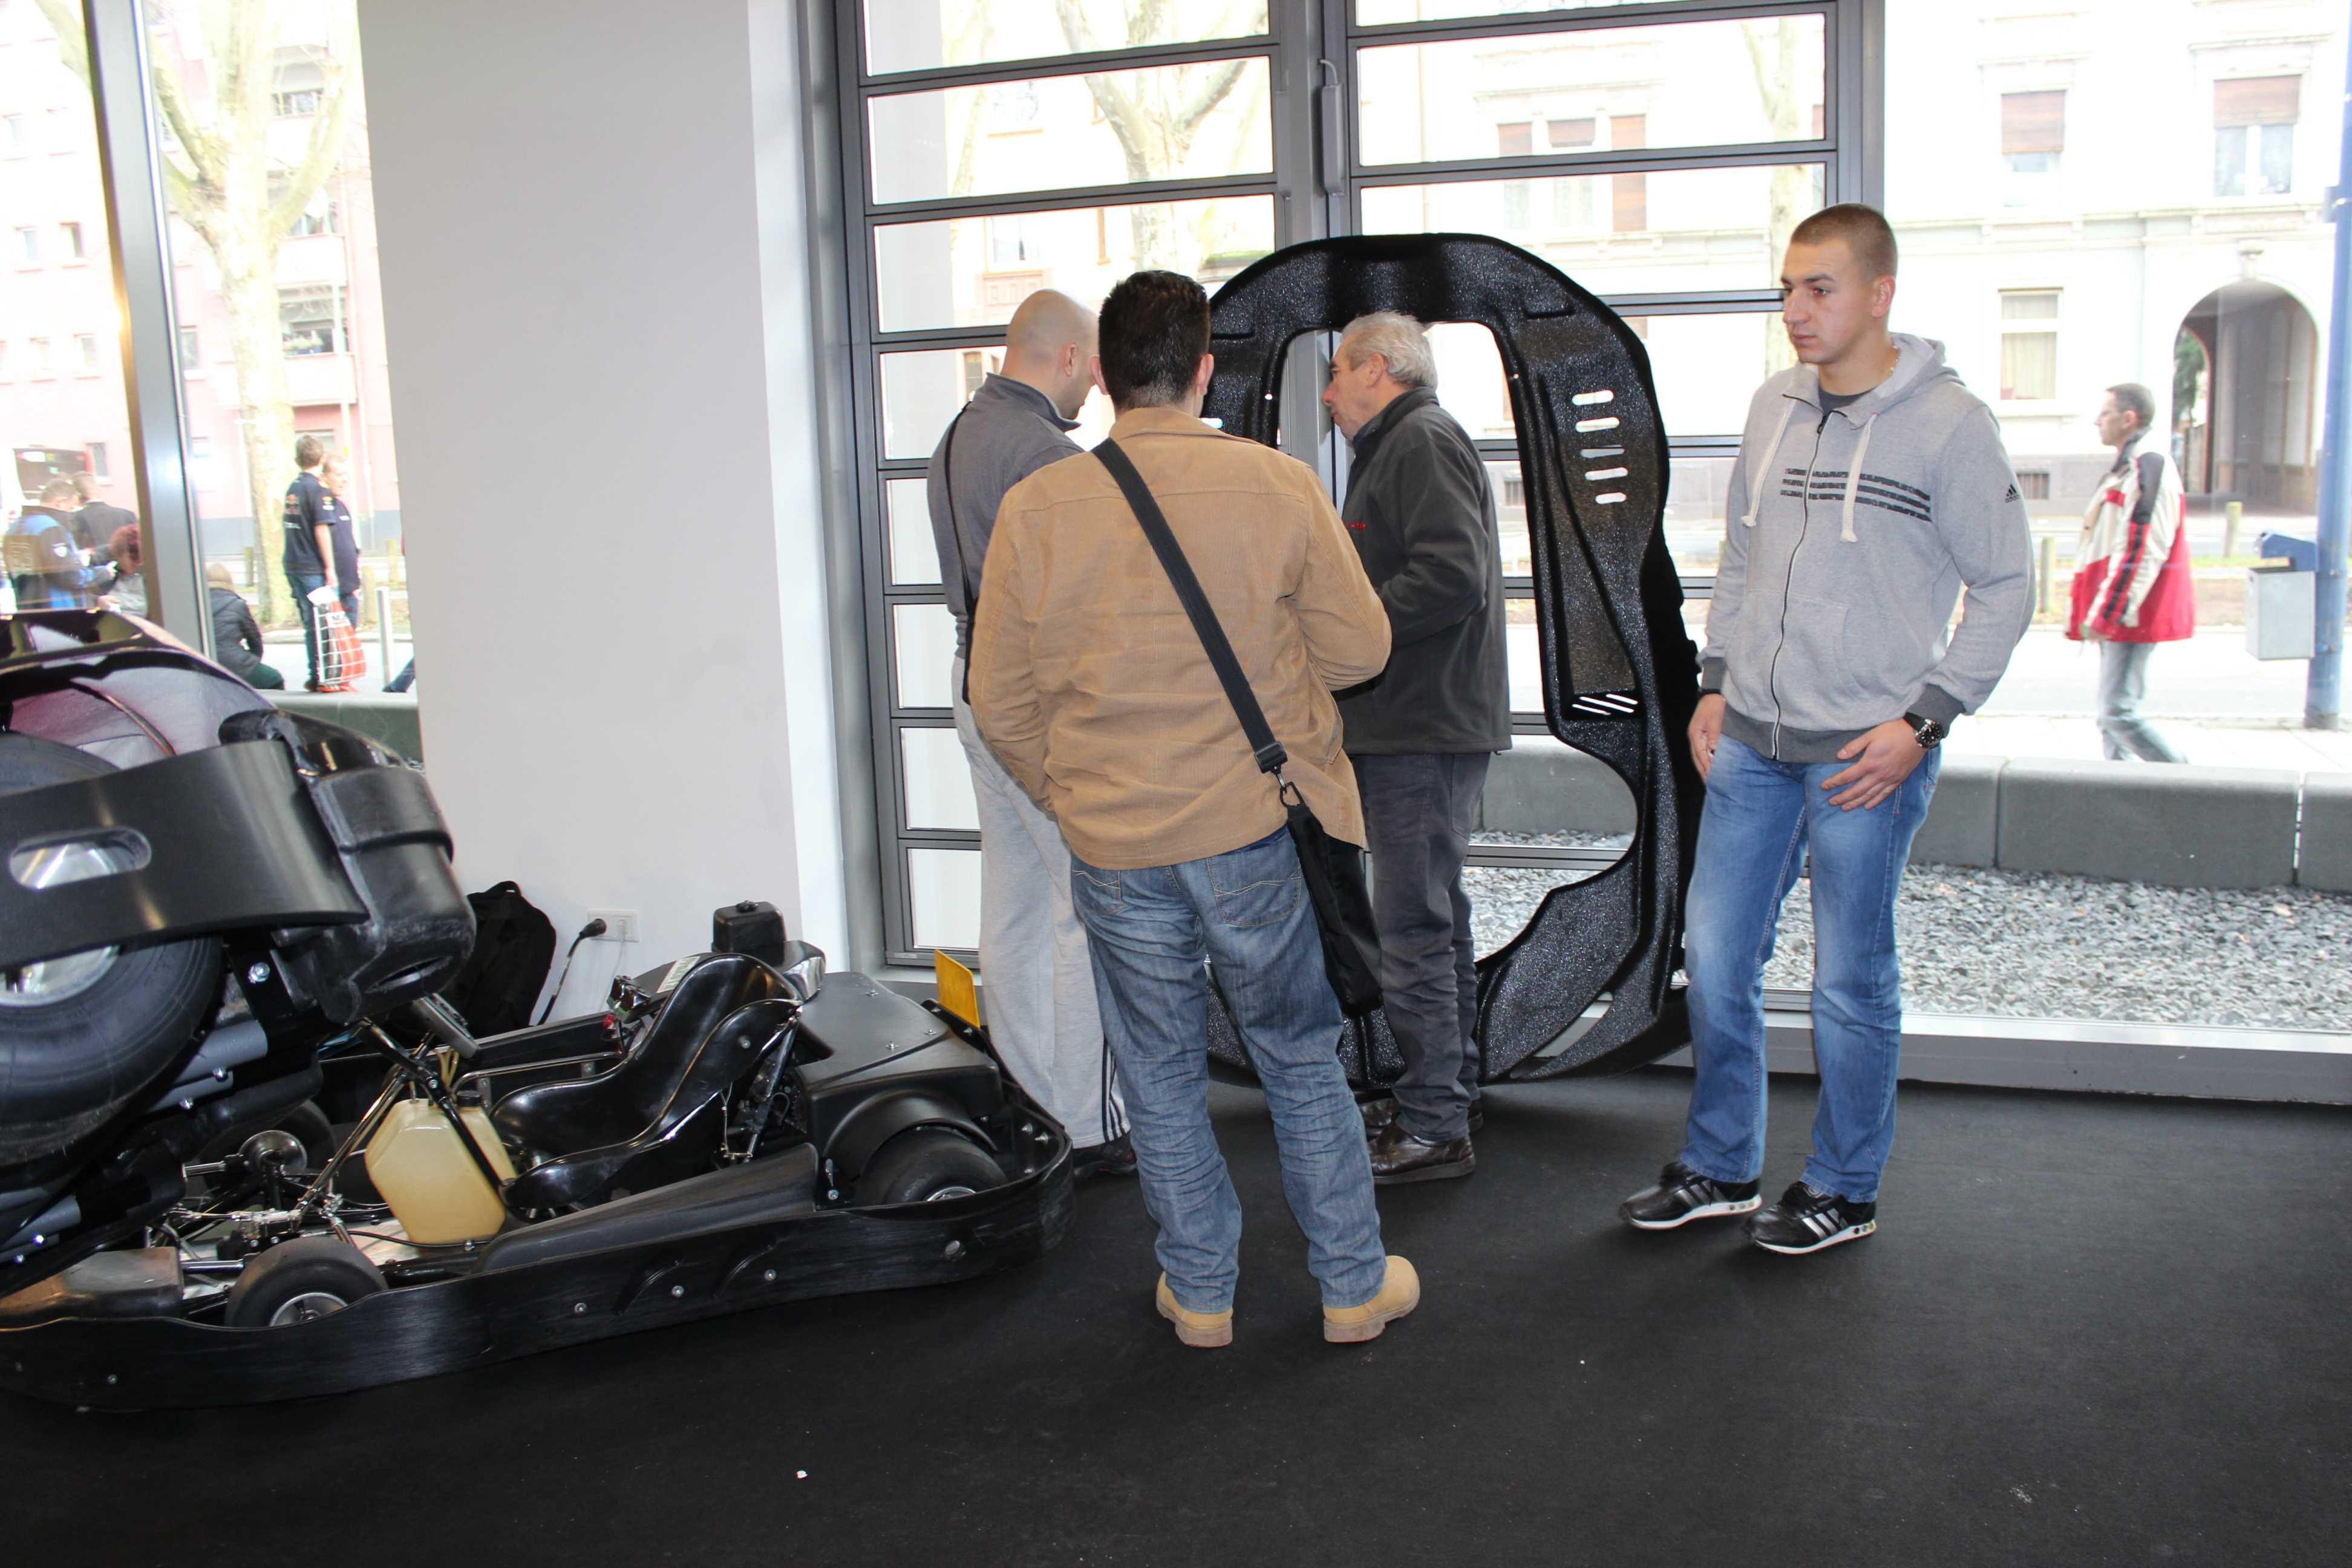 IZZI-FLEX Apresentação na Feira Internacional do Karting Alemanha5